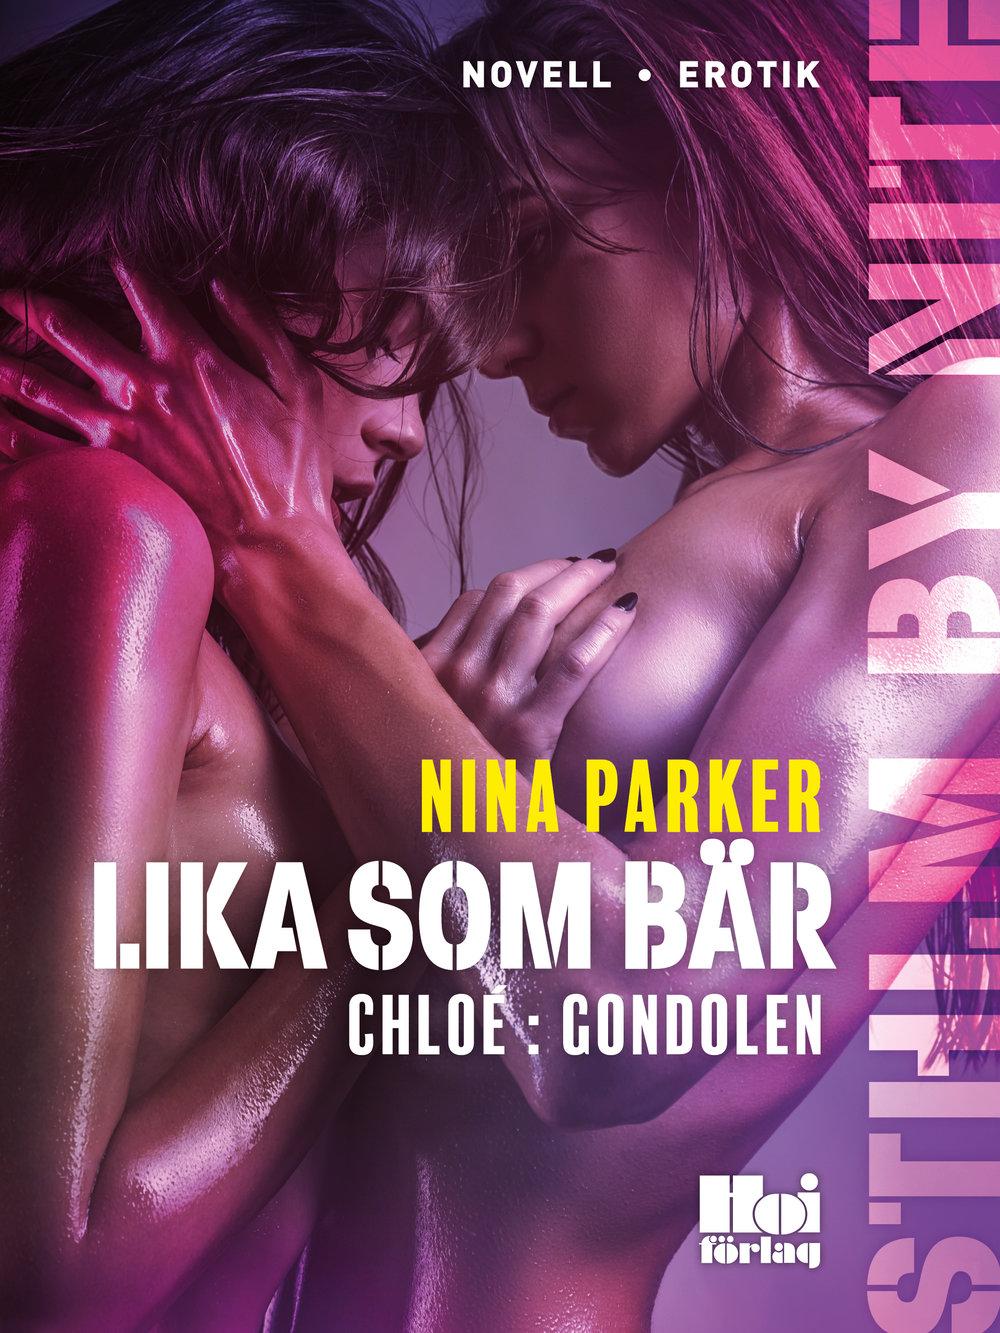 E-bok Lika som bär - Chloé : Gondolen av Nina Parker